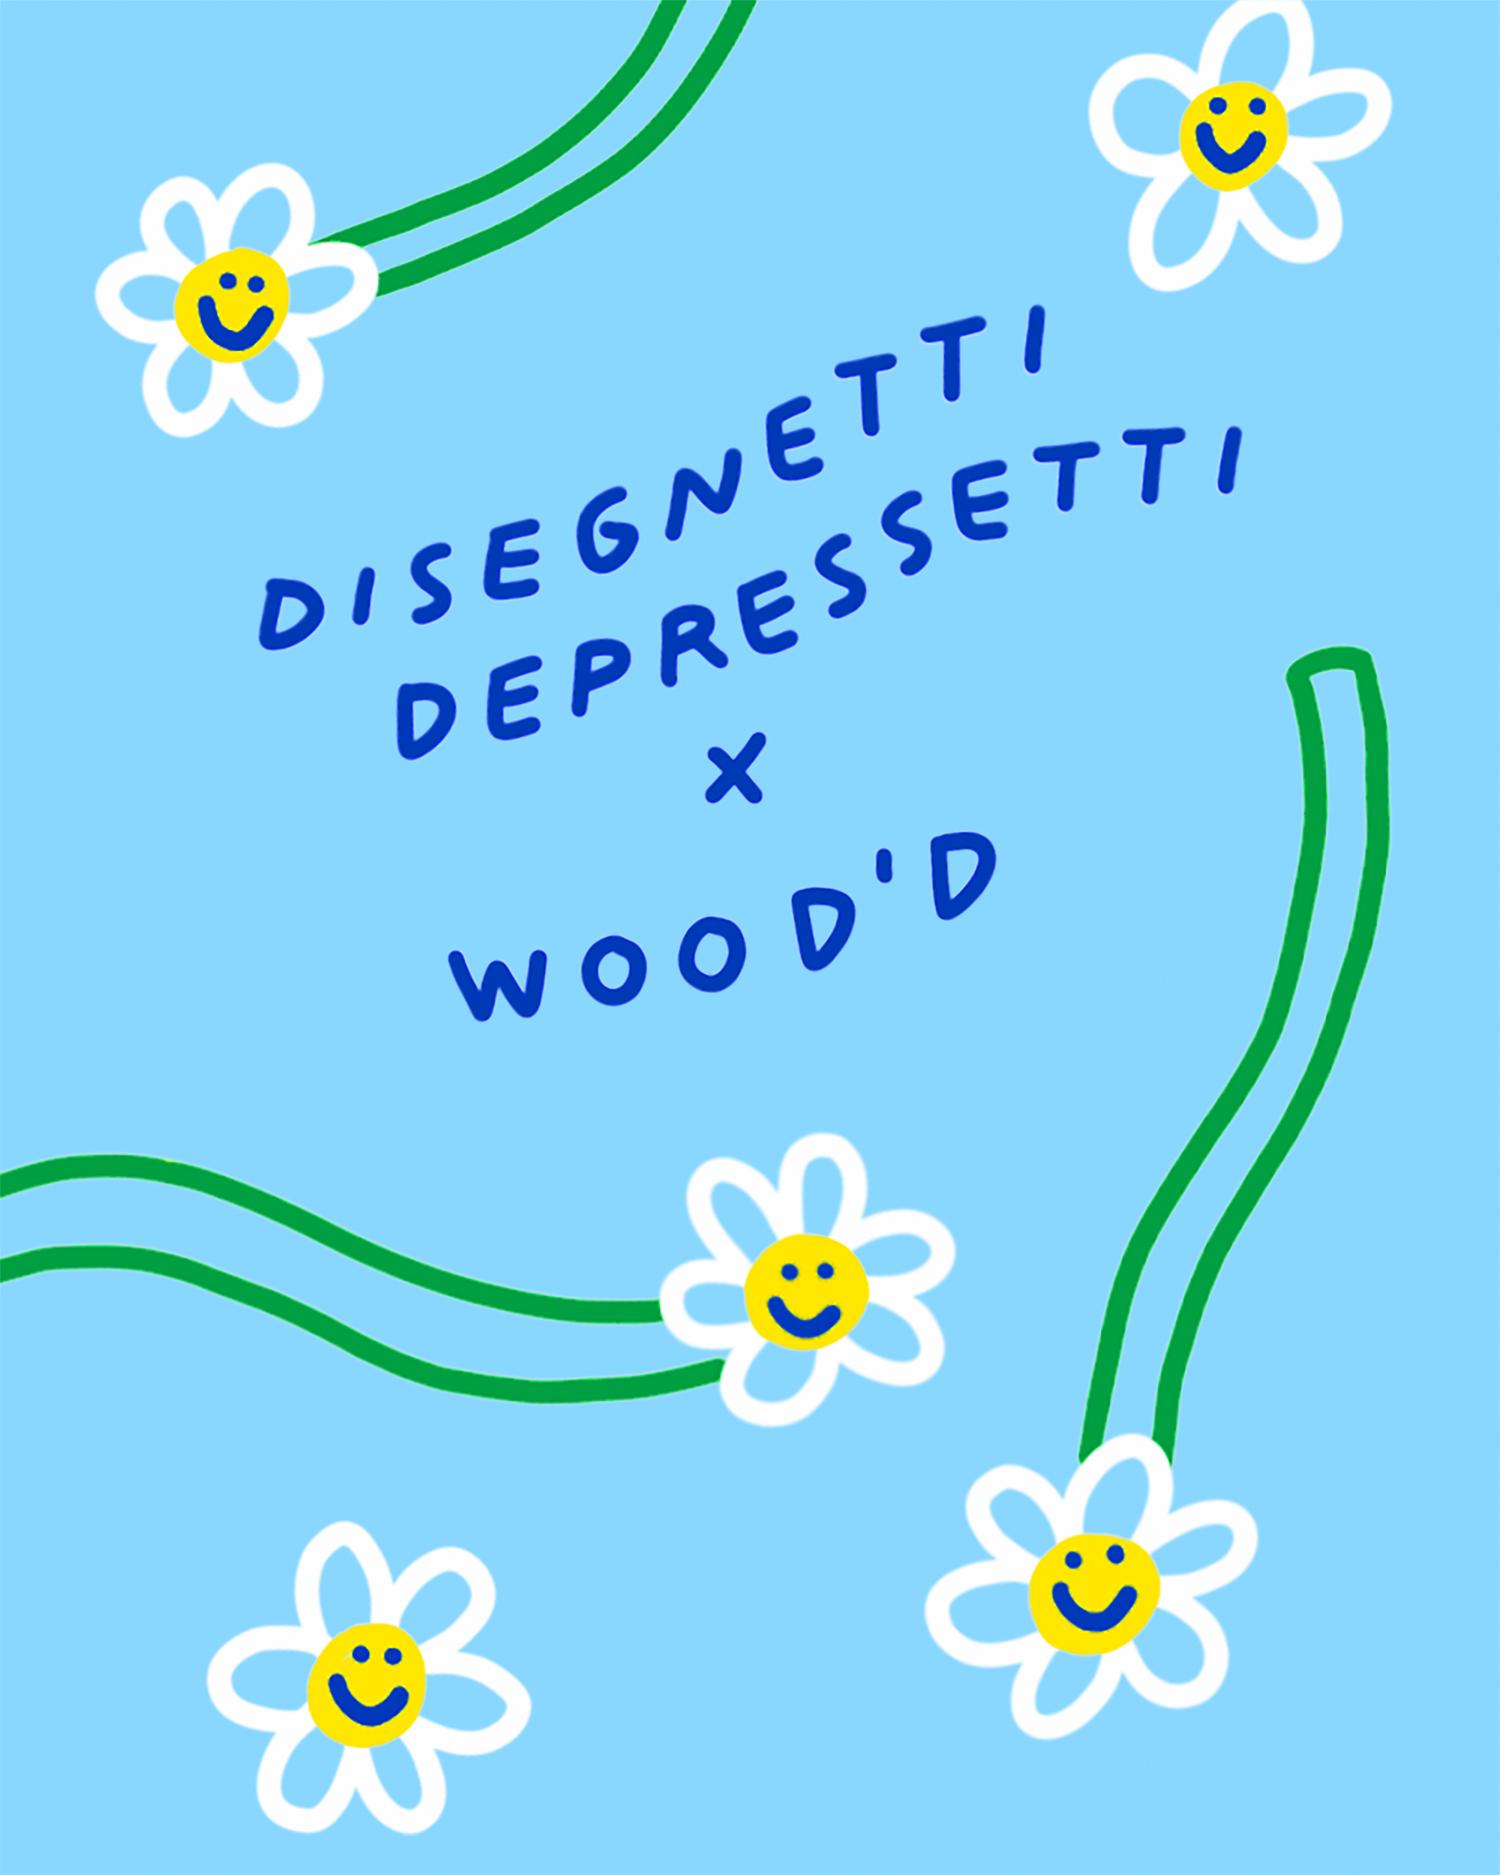 Disegnetti Depressetti x WOOD'D